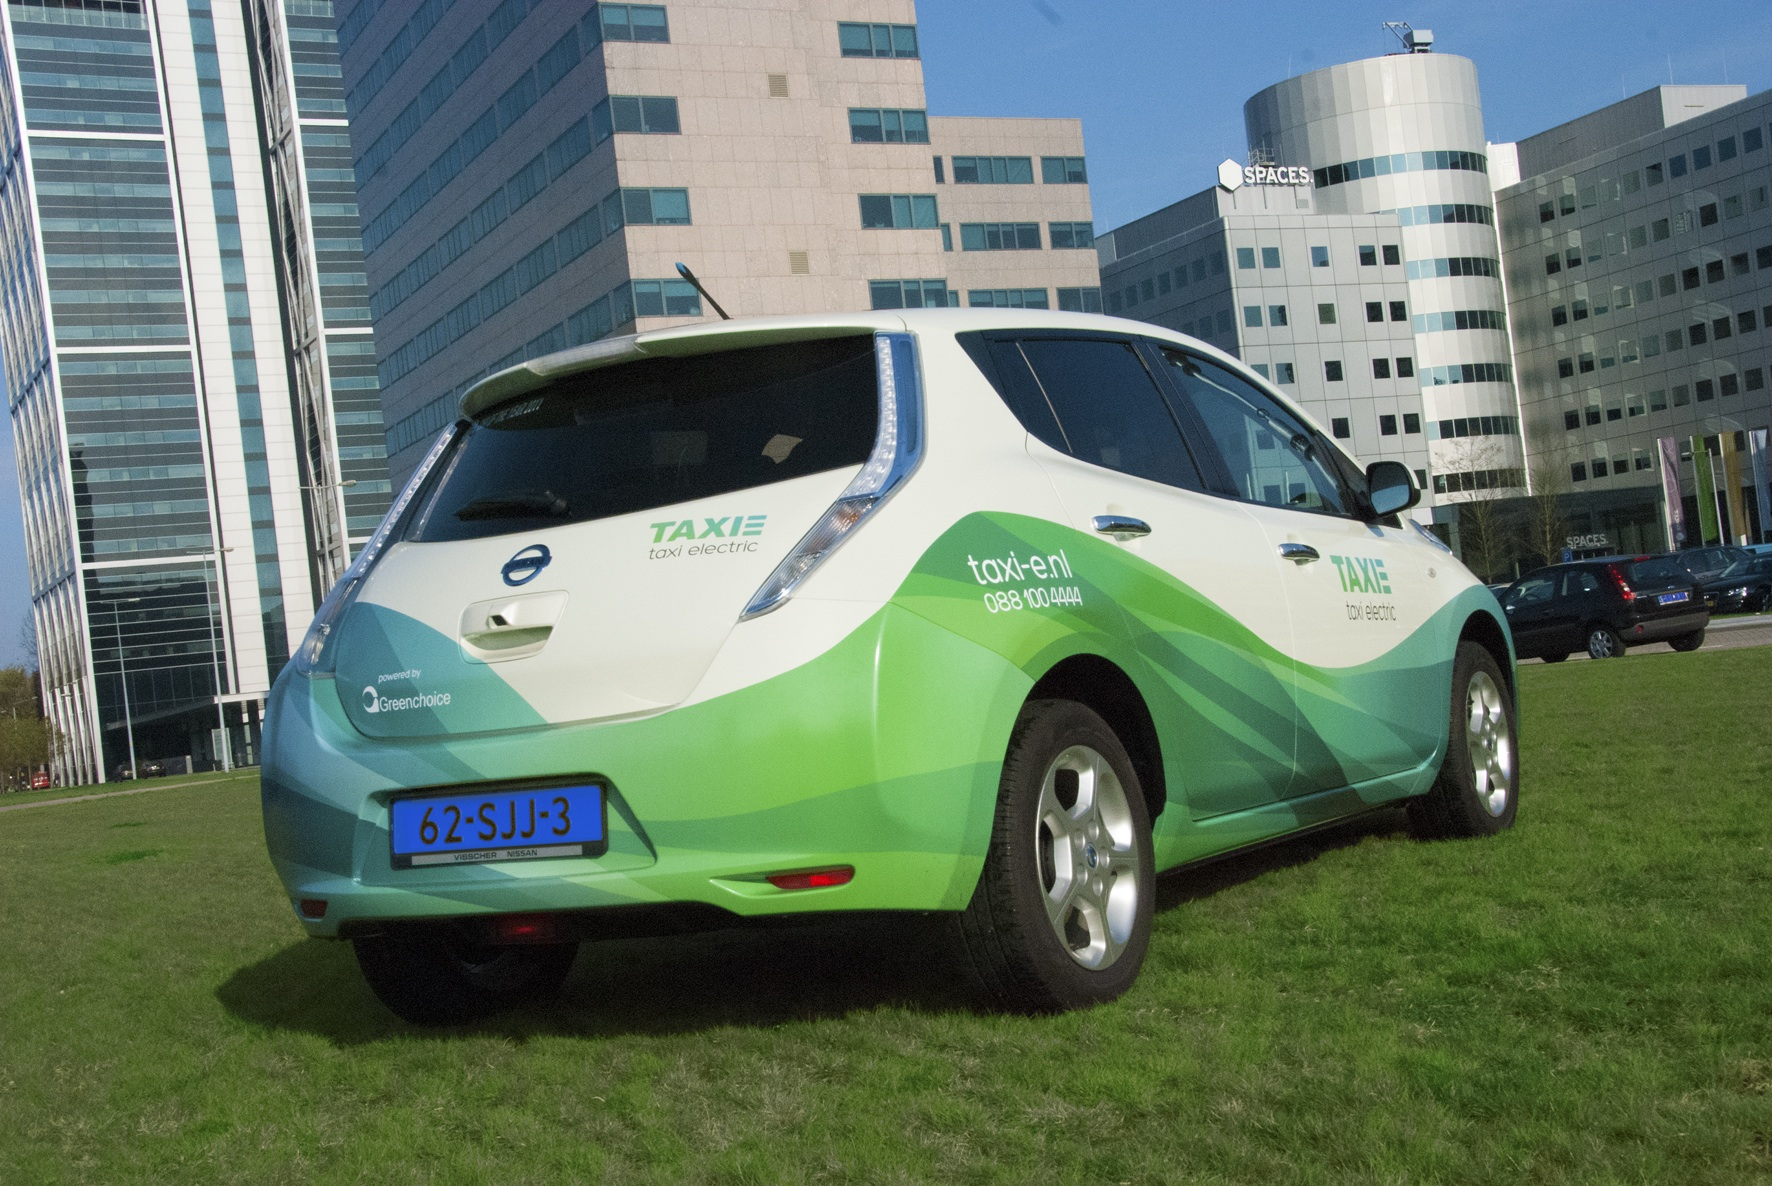 Amsterdam 10 000 Subsidie Voor Aanschaf Elektrische Taxi Taxipro